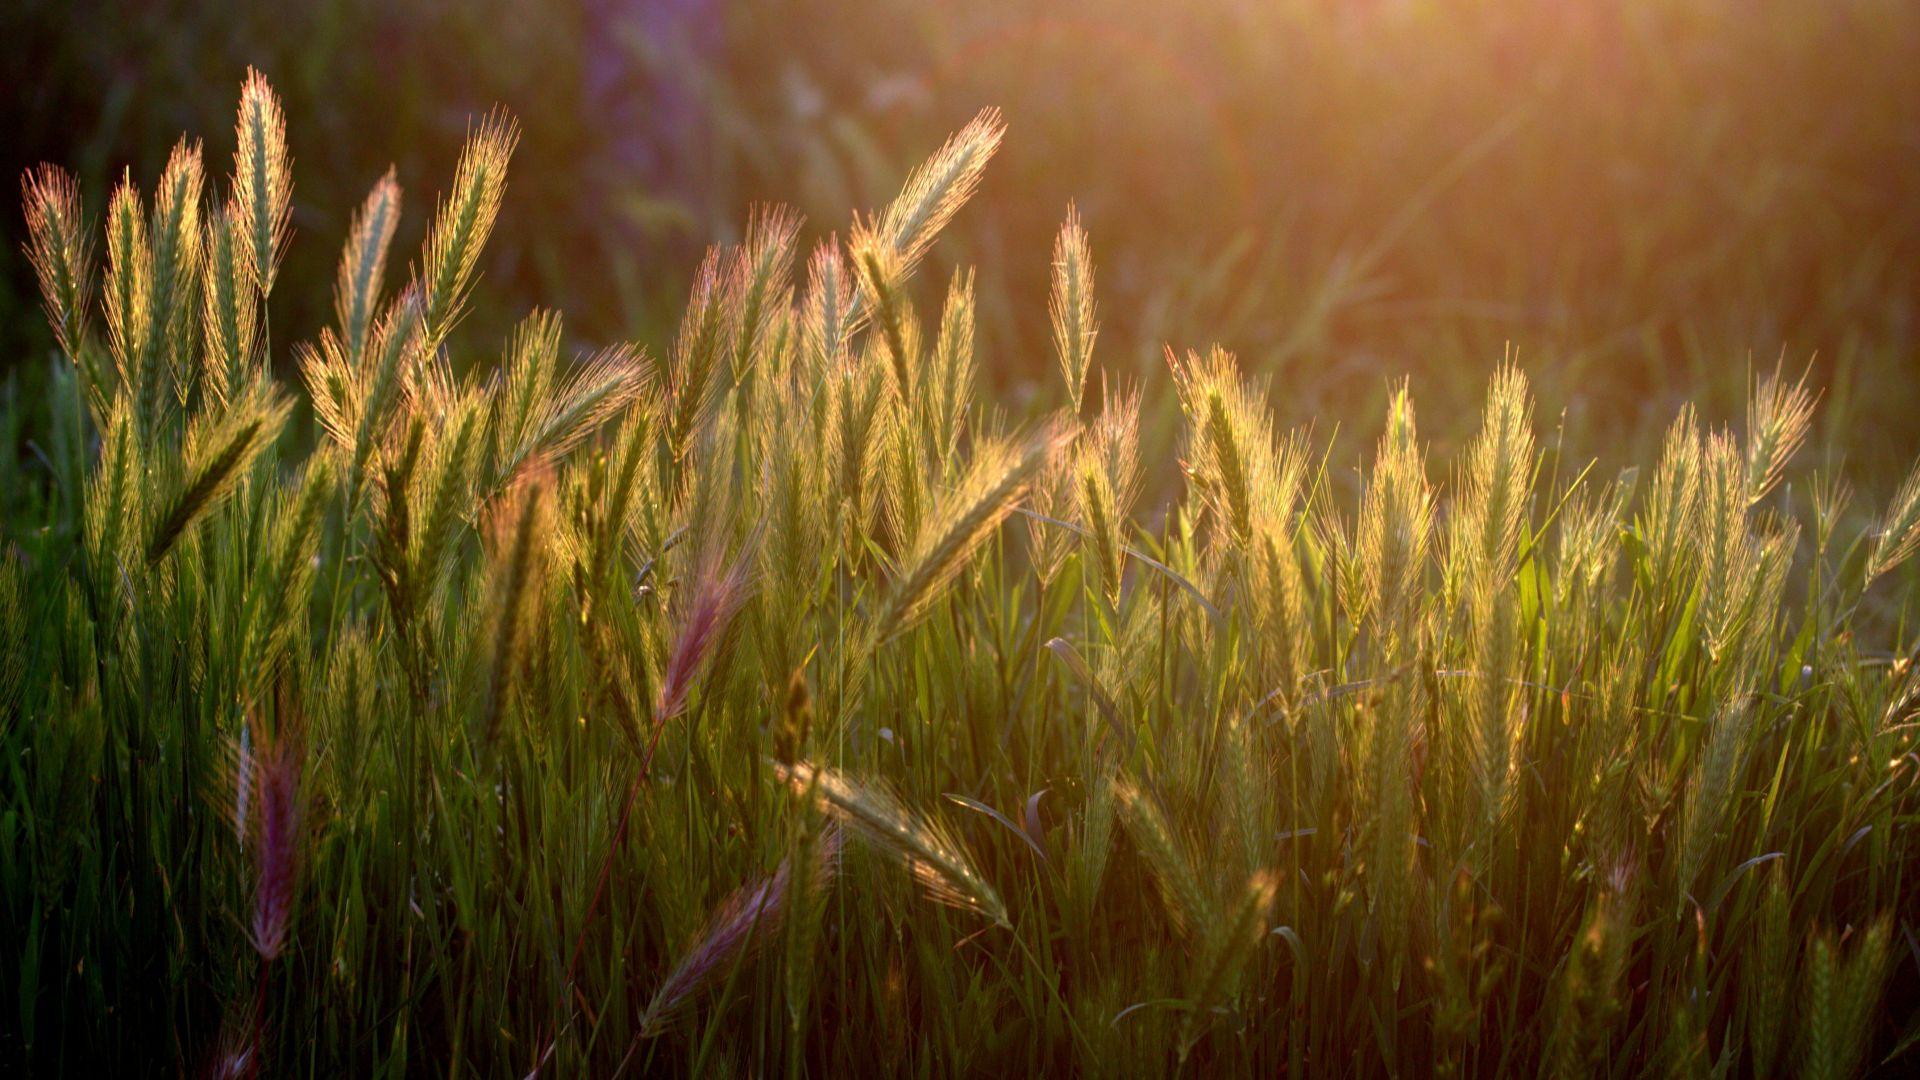 Wallpaper Farm, sunrise, plants, nature